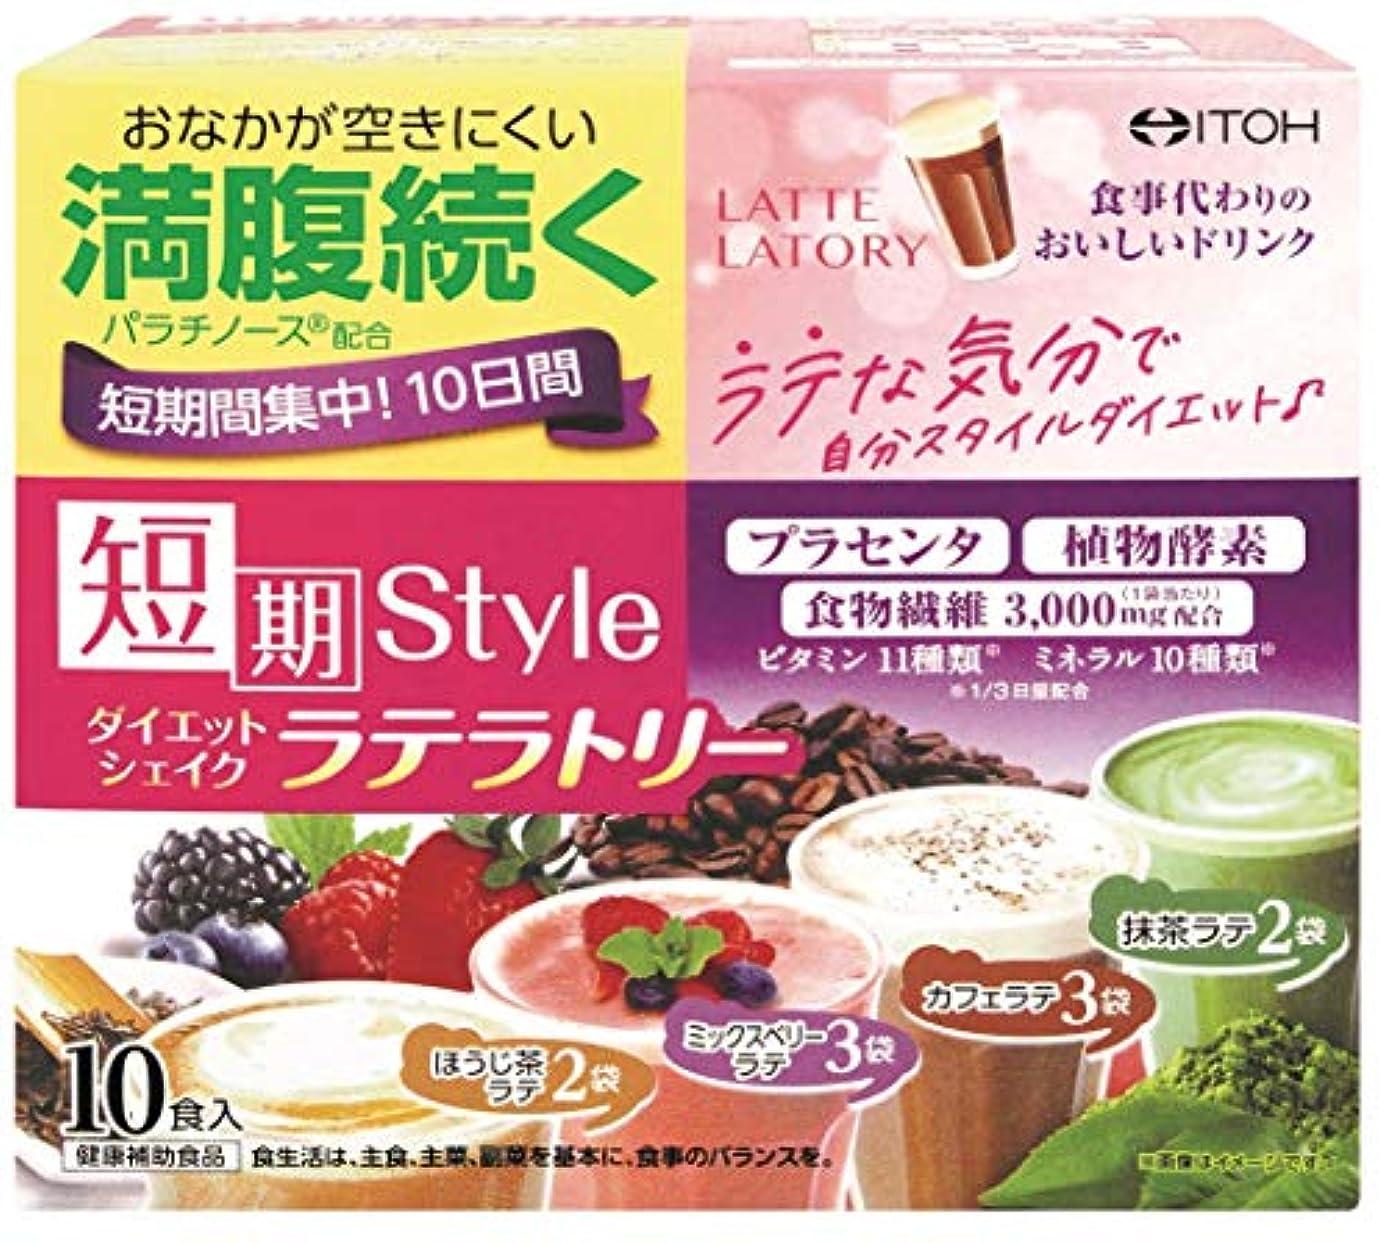 ウール勃起モーション井藤漢方製薬 短期スタイルダイエットシェイク ラテラトリー 10食分 25g×10袋